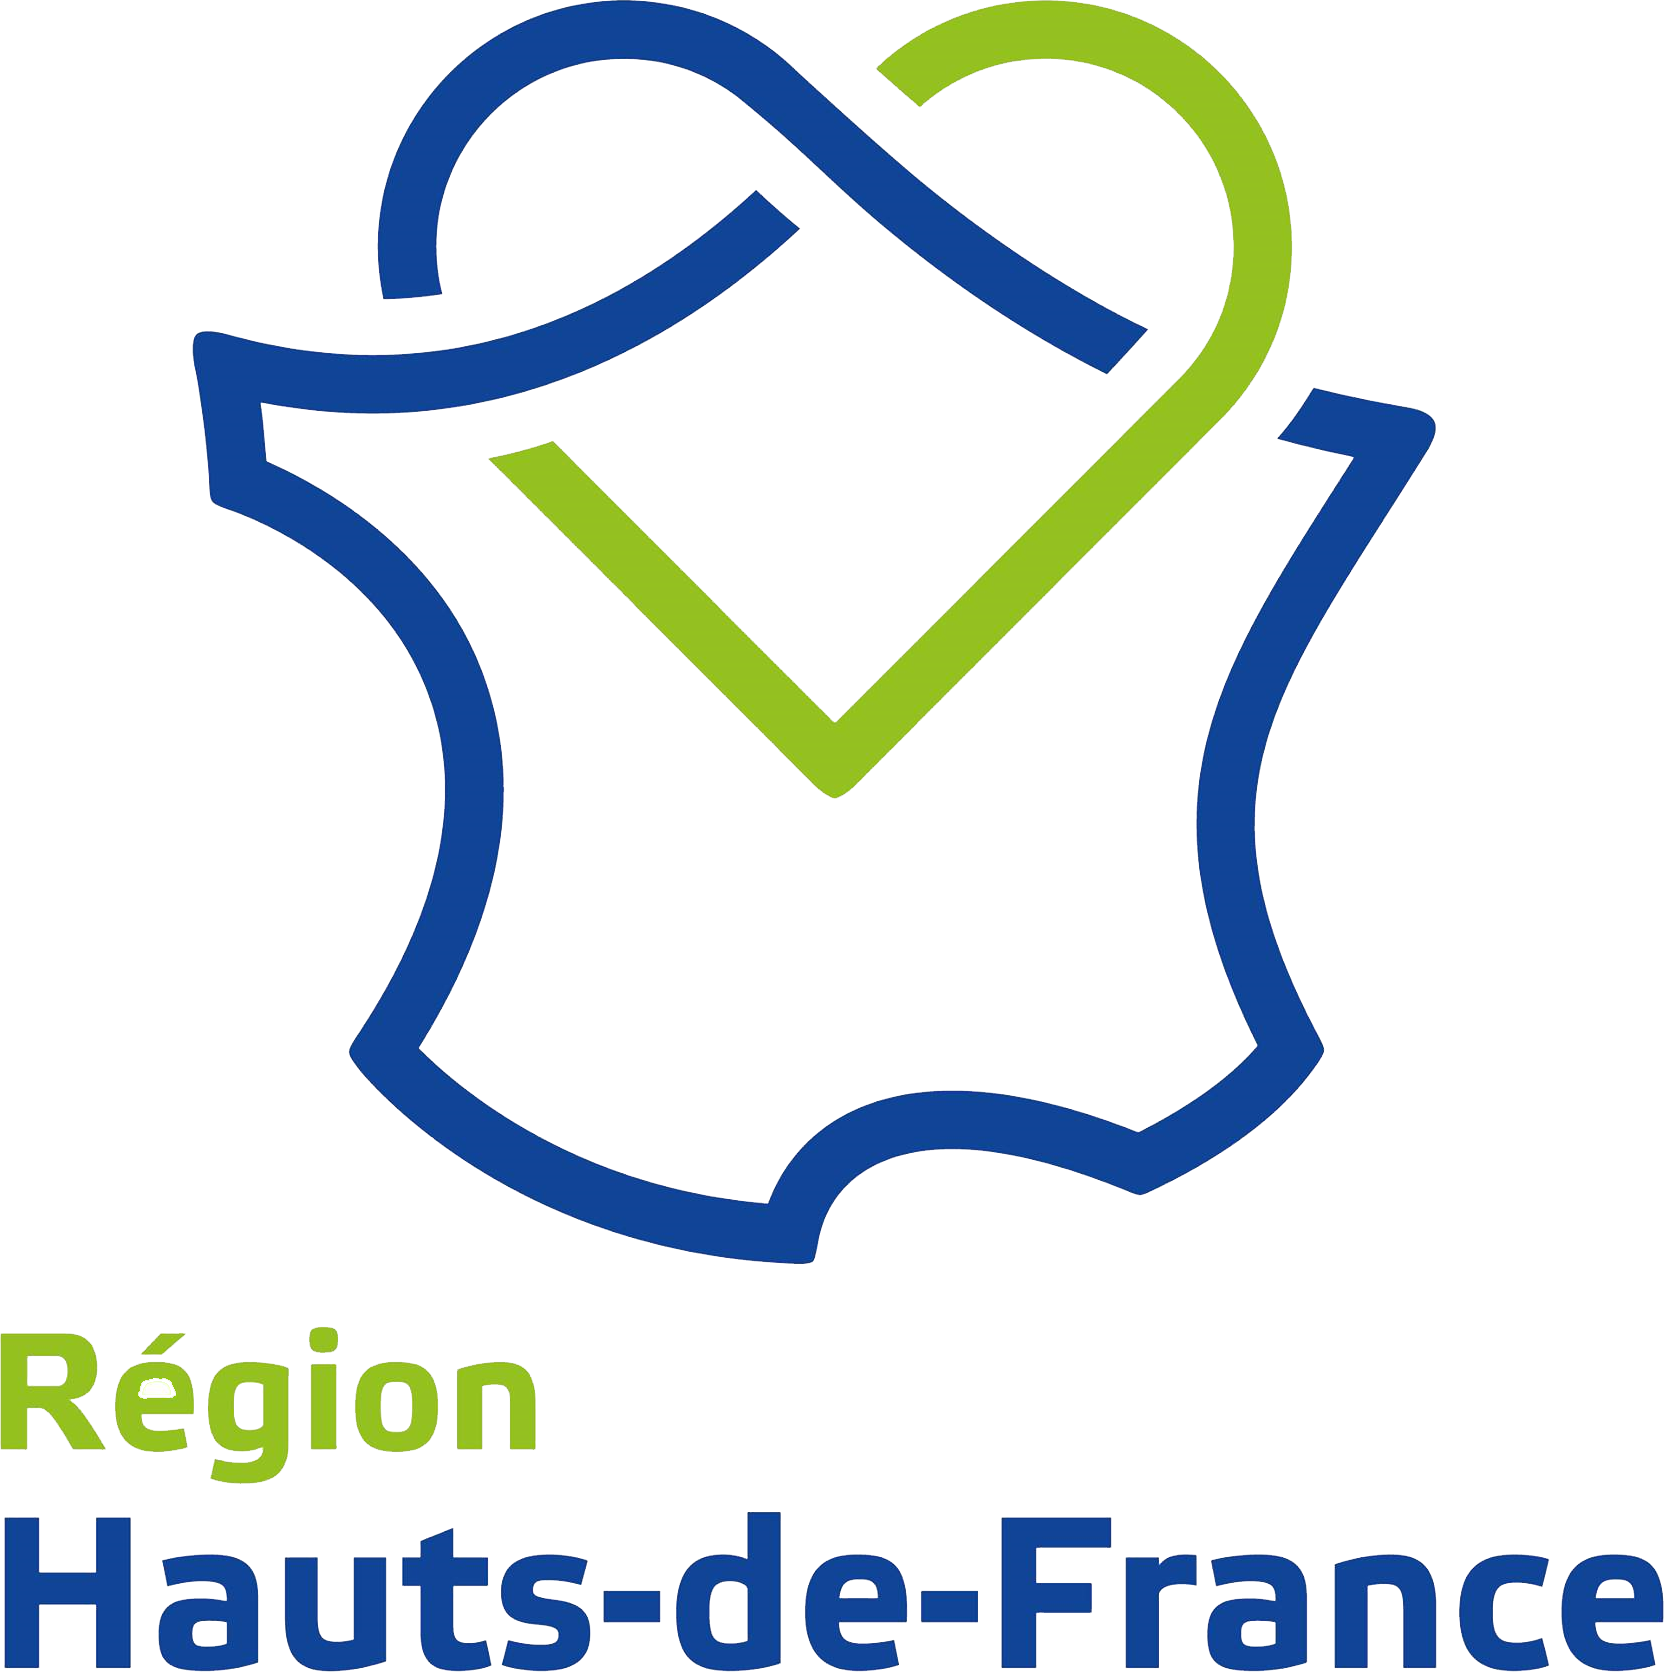 logo-hauts-de-france-2016